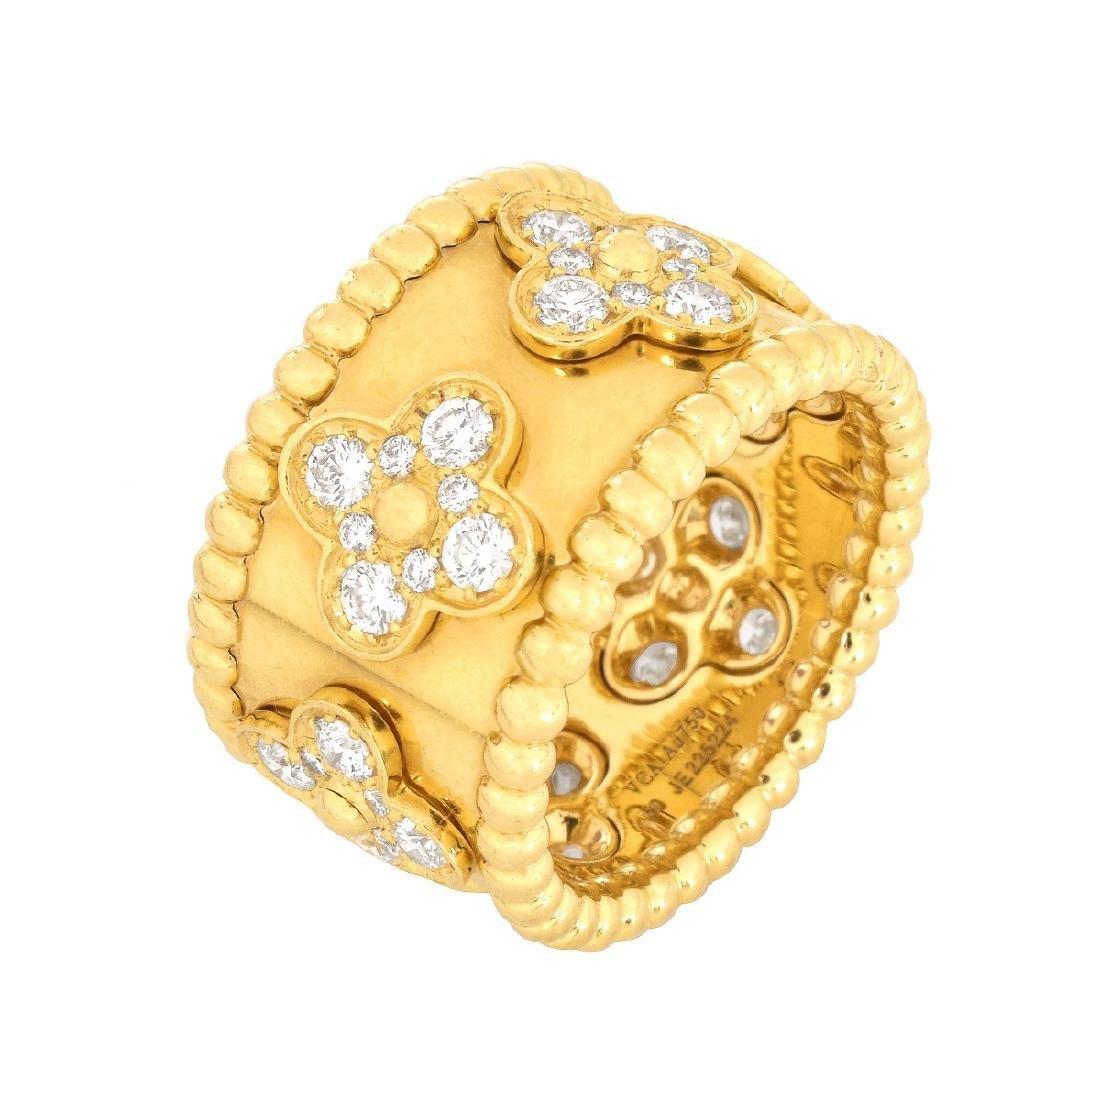 Van Cleef & Arpels 'Perlee Clover' Ring